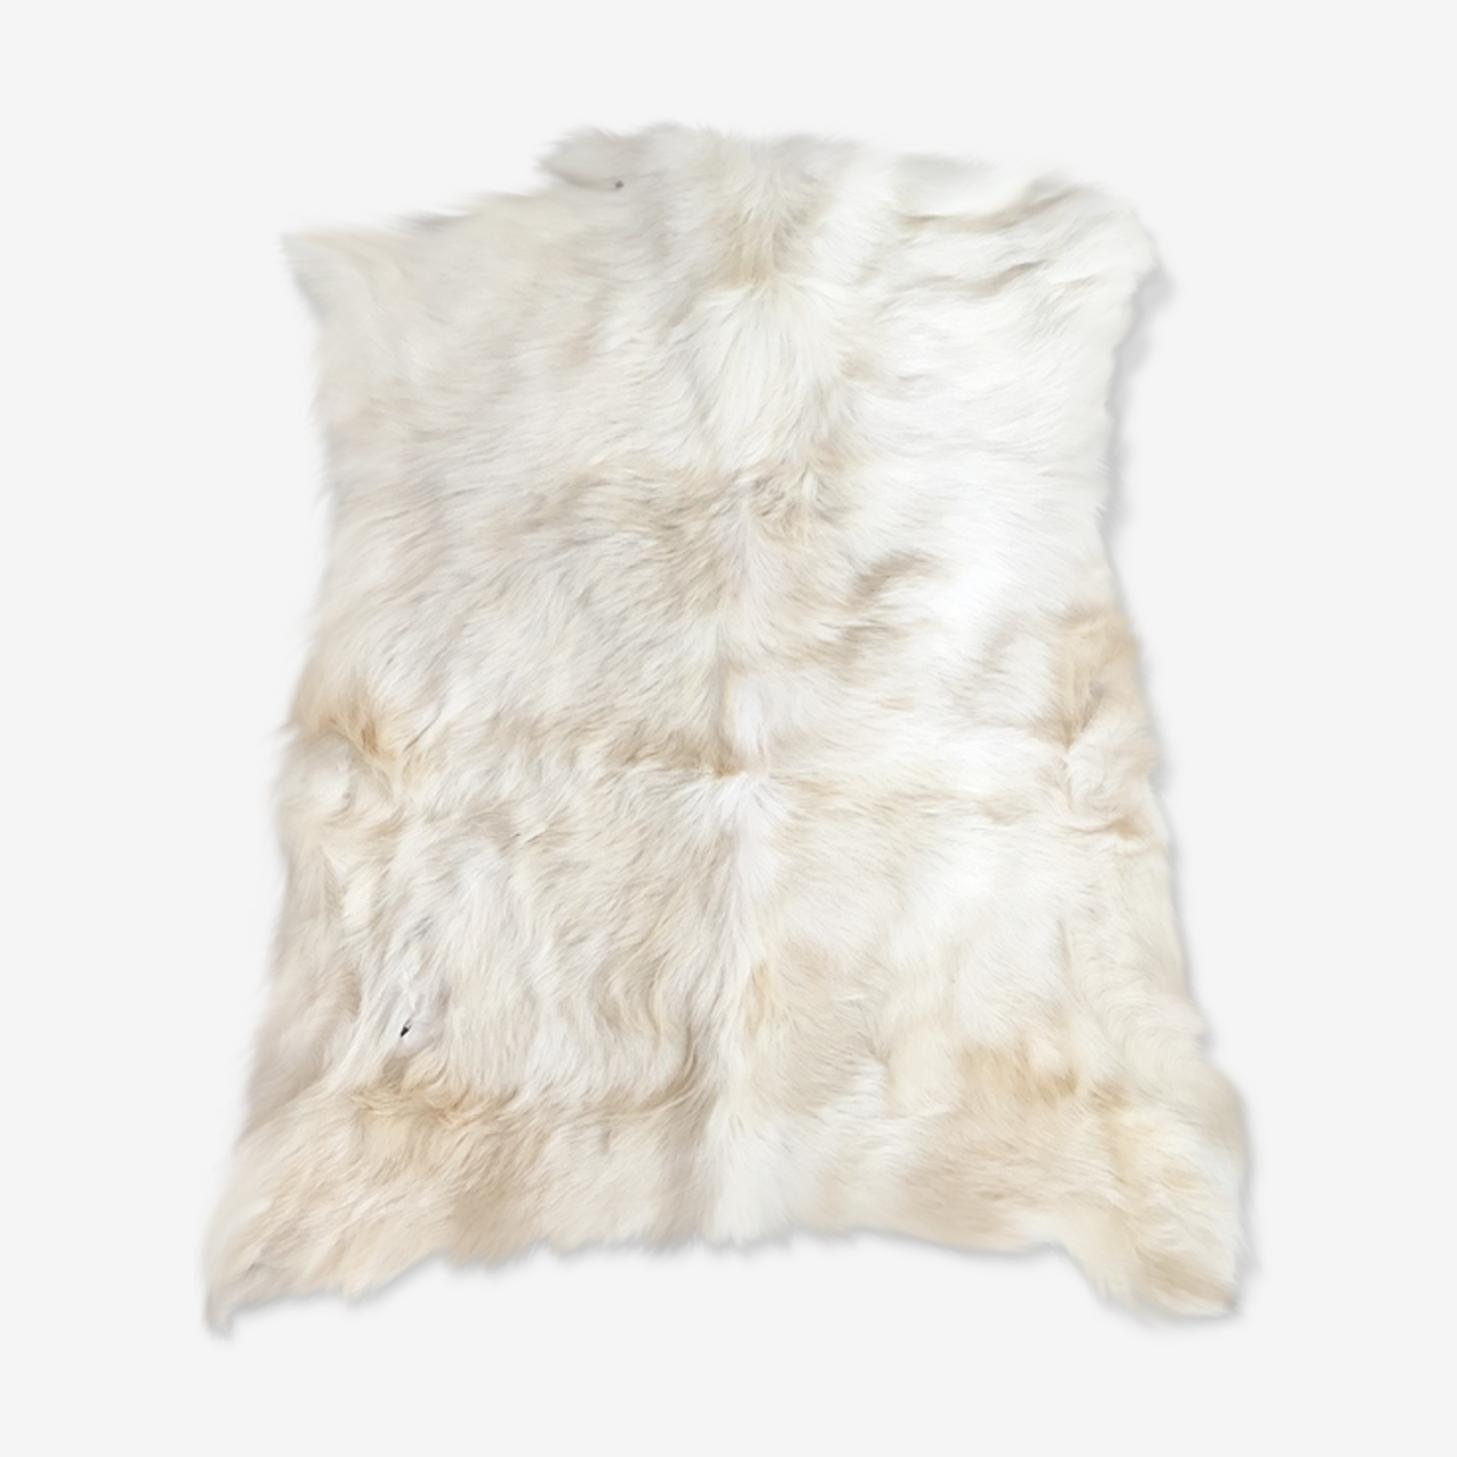 Petite peau de chèvre, années 70 - 60x85 cm